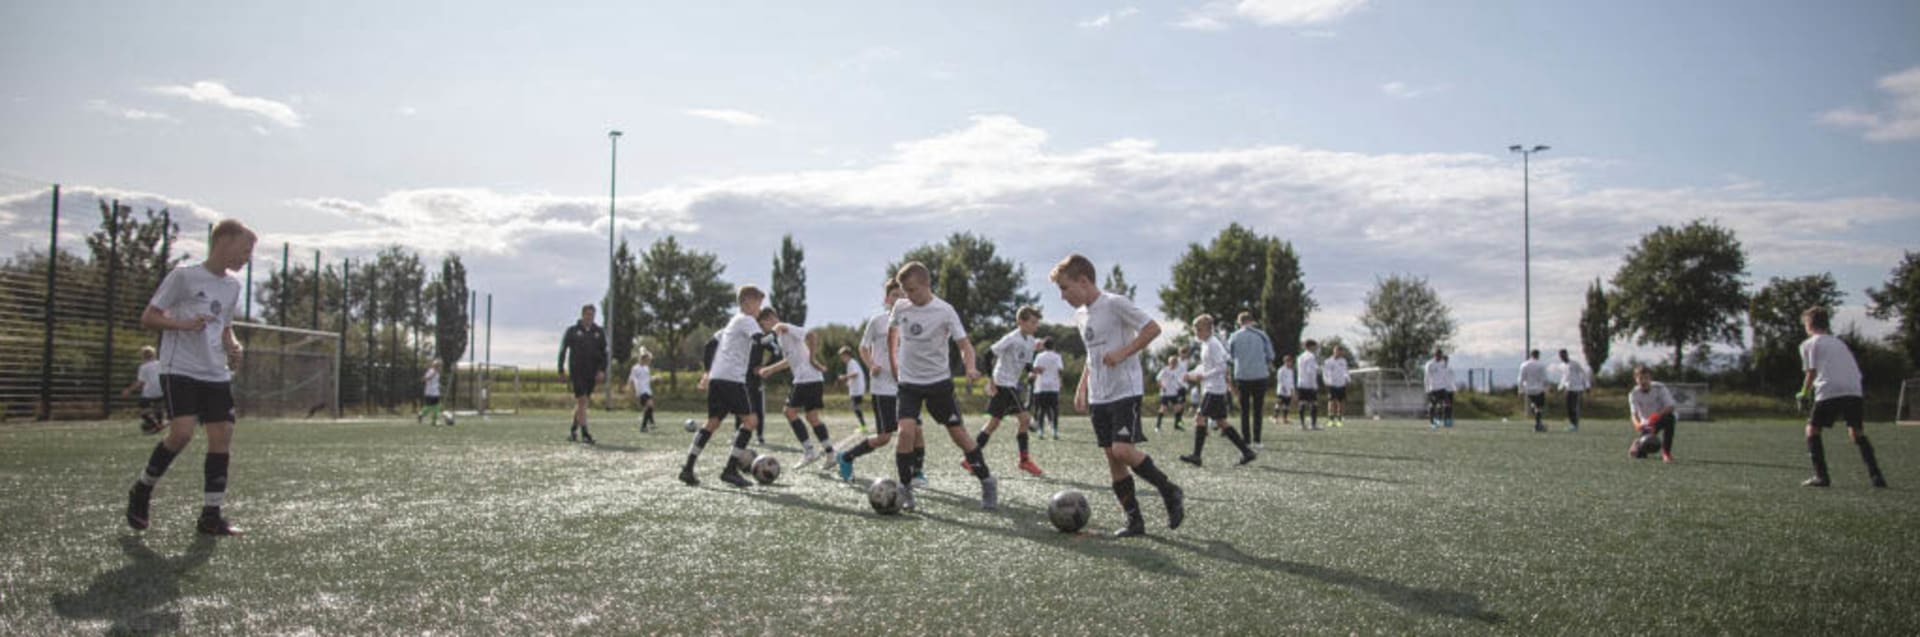 Eine Trainingseinheit von U 12- und U 13-Talenten zusammen mit den deutschen U 16-Junioren.